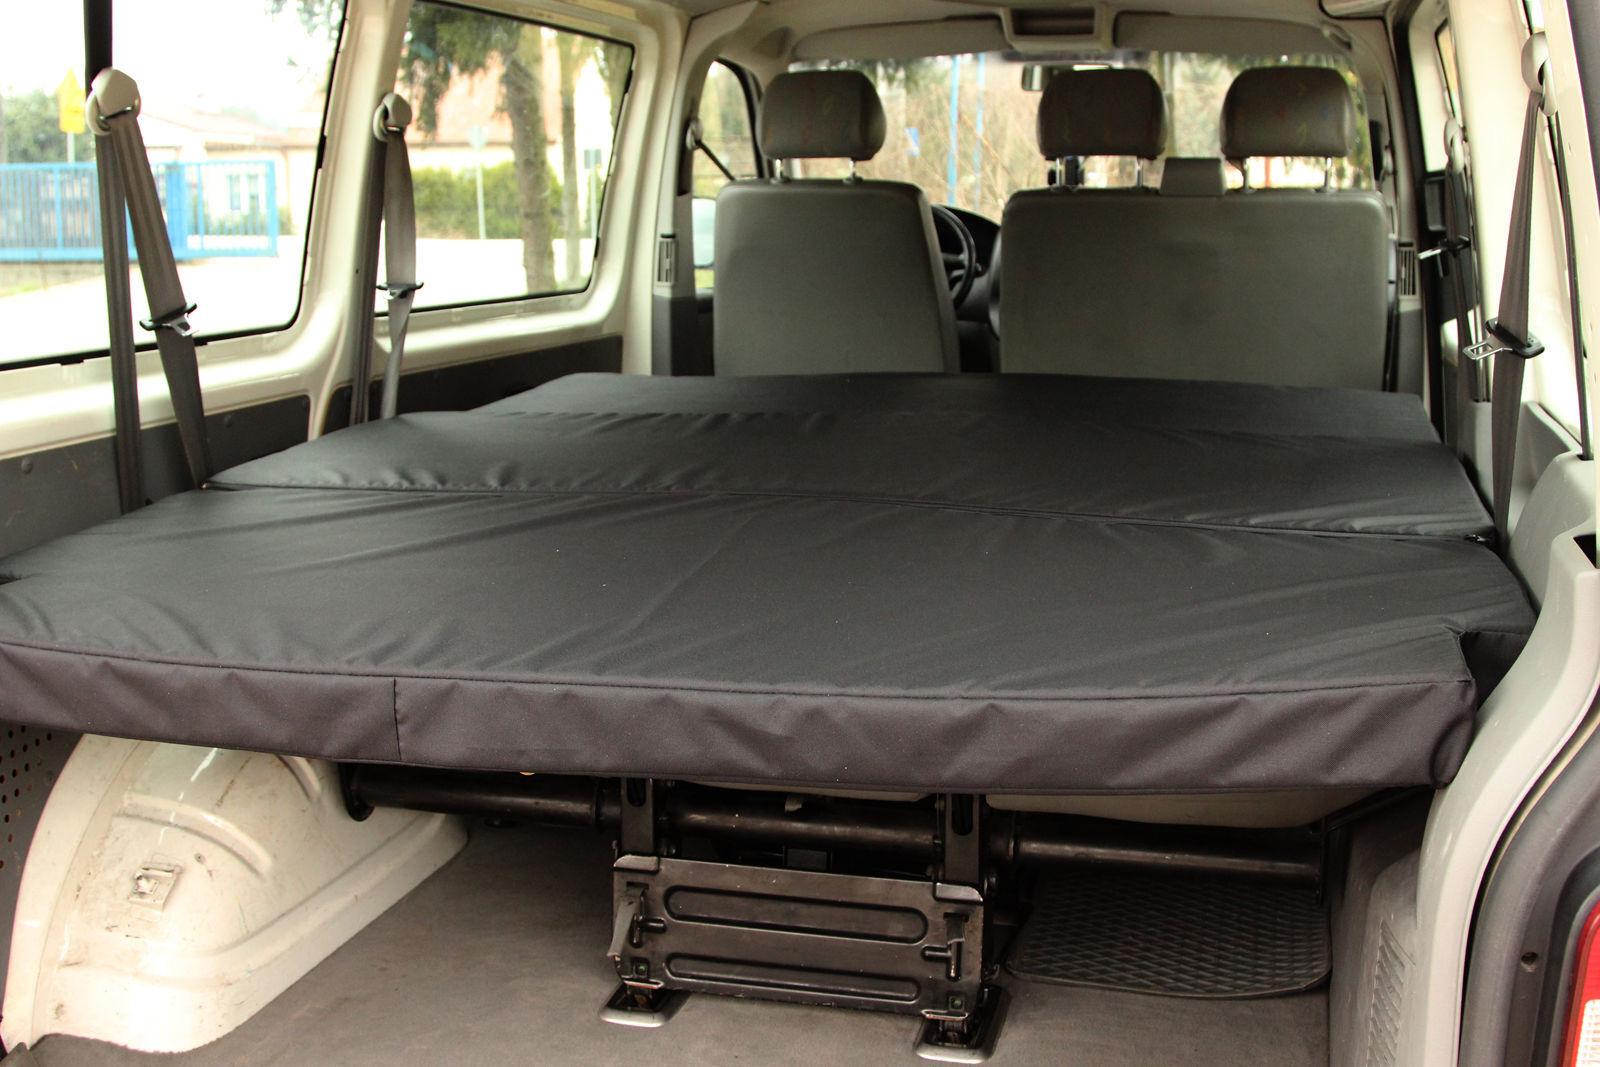 Matratze VW T4 T5 T6 Schlafauflage Klappmatratze Multiflexboard 185 x 148cm